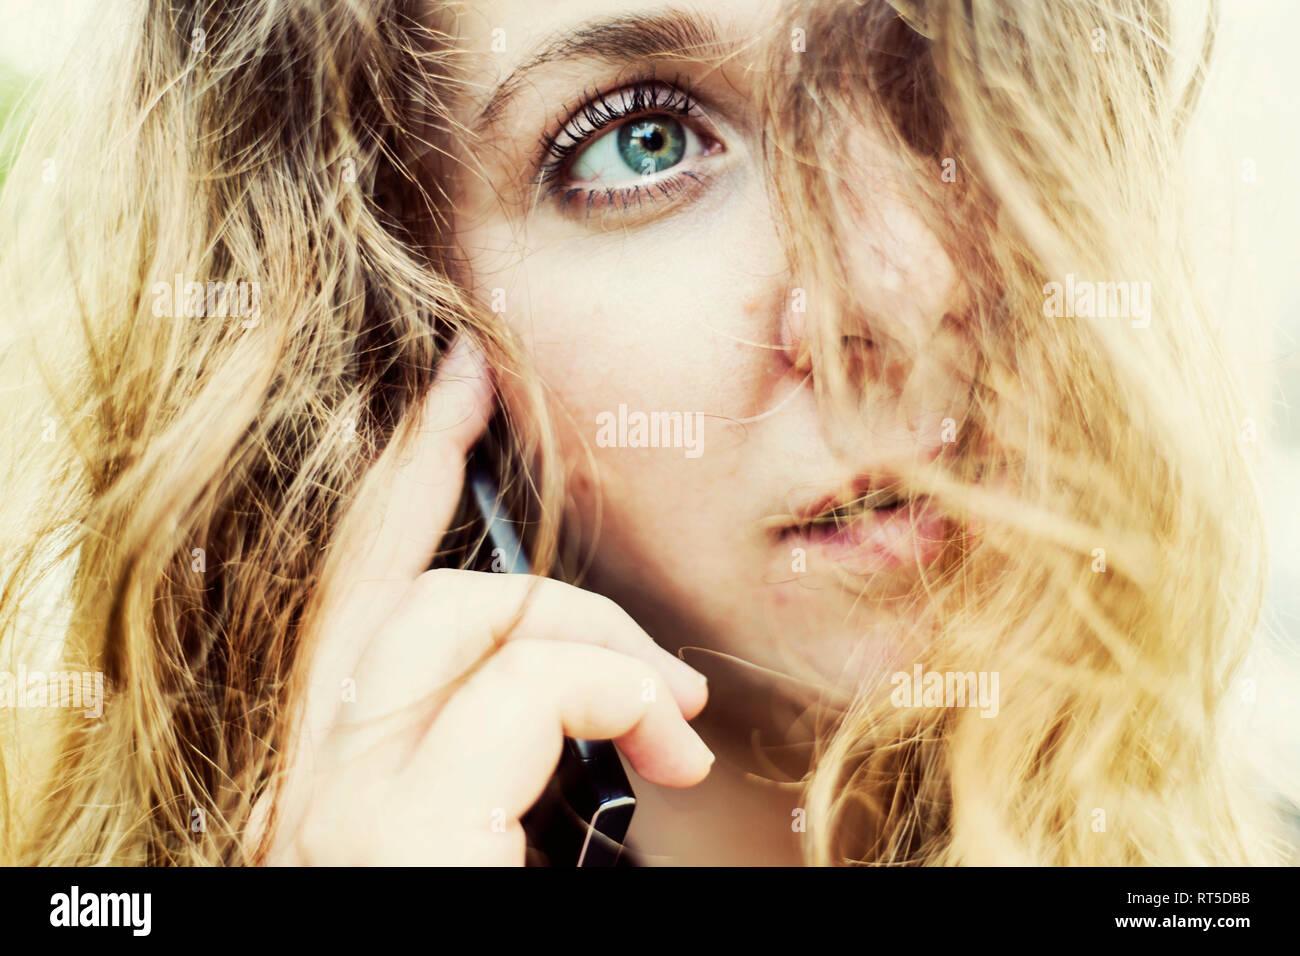 Portrait de jeune femme au téléphone, close-up Banque D'Images